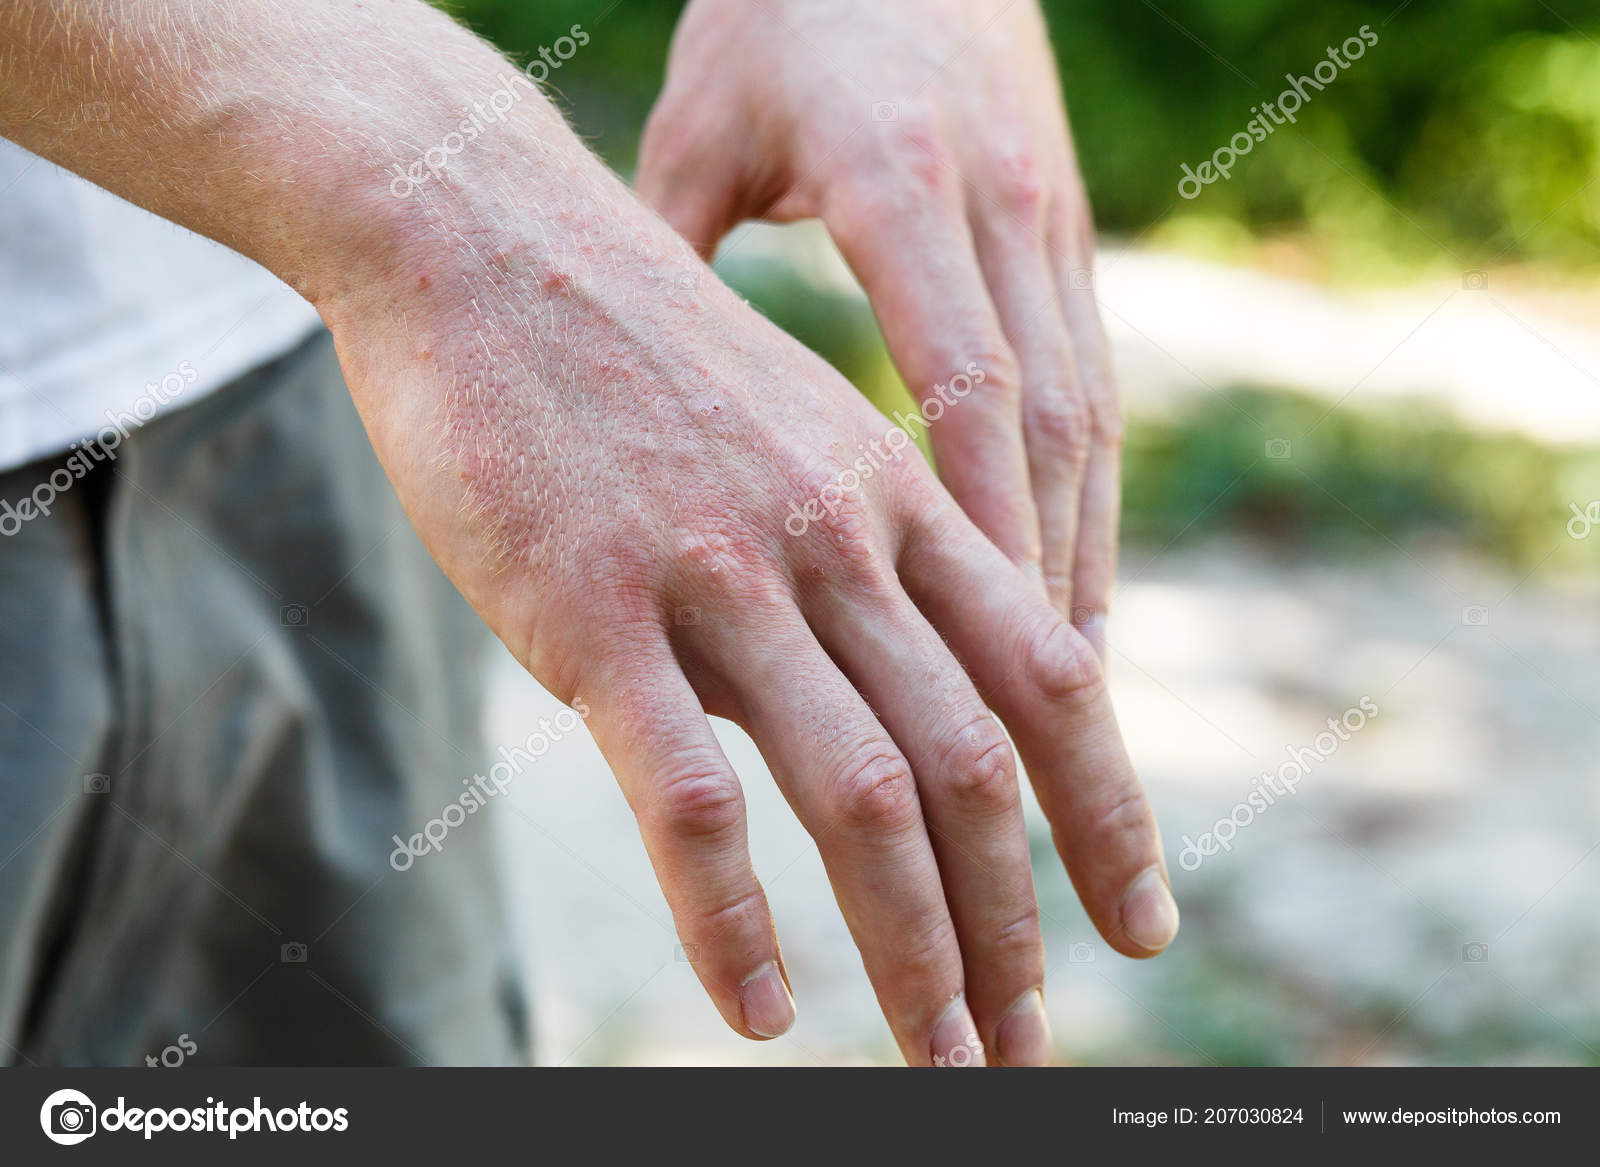 Pikkelysömör (psoriasis) kezelése - Bőrgyógy-ÁSZ